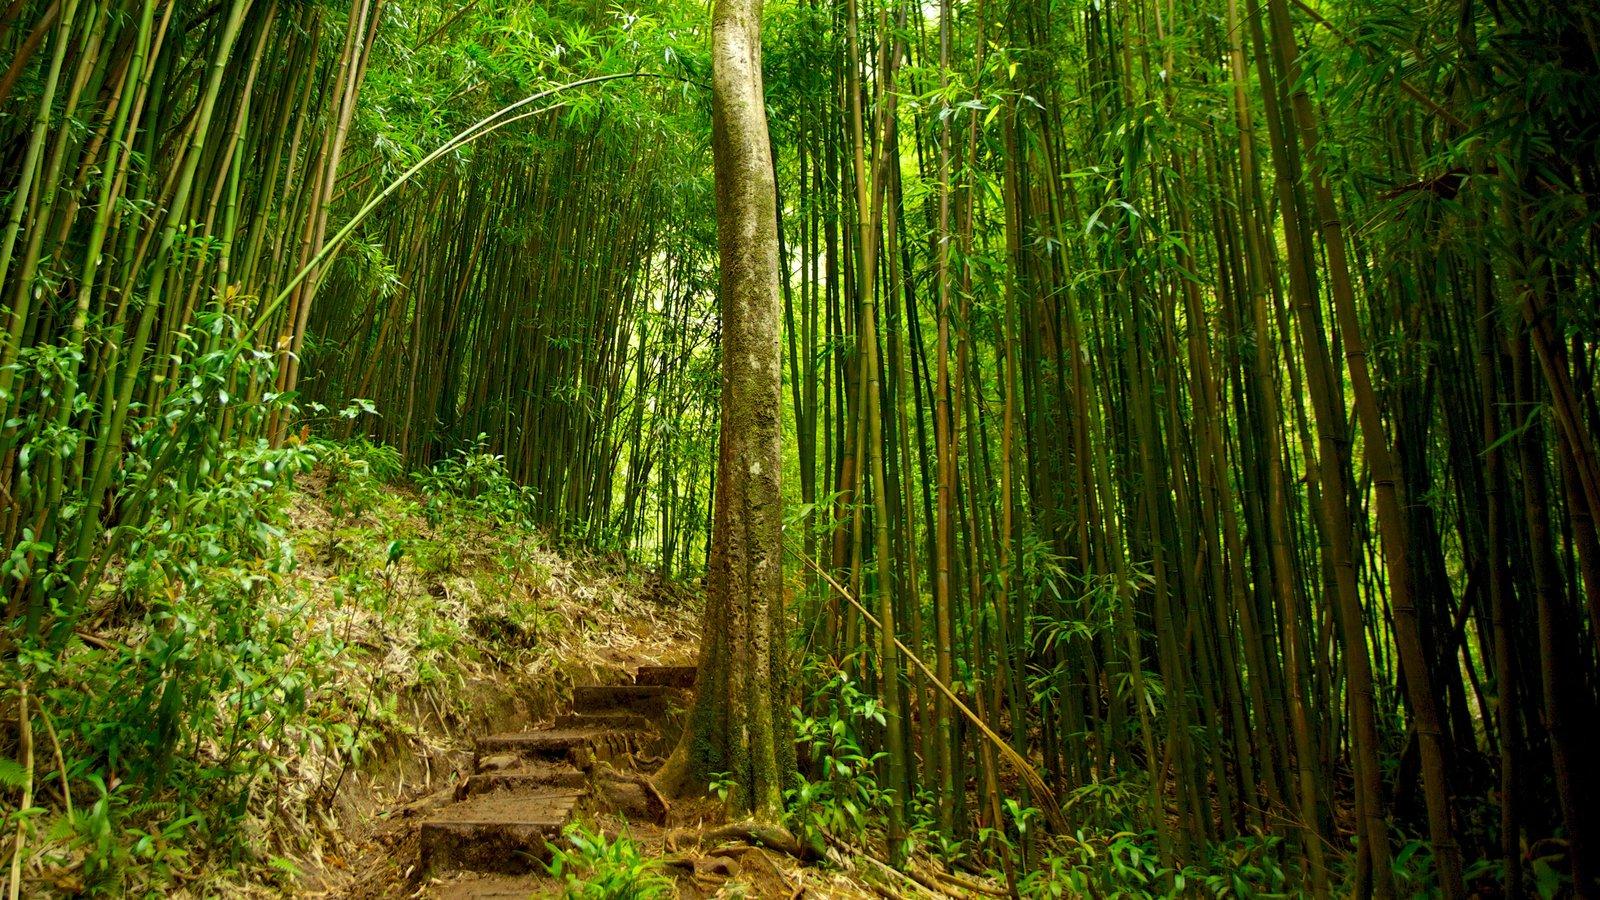 Honolulu que inclui floresta tropical, paisagem e florestas